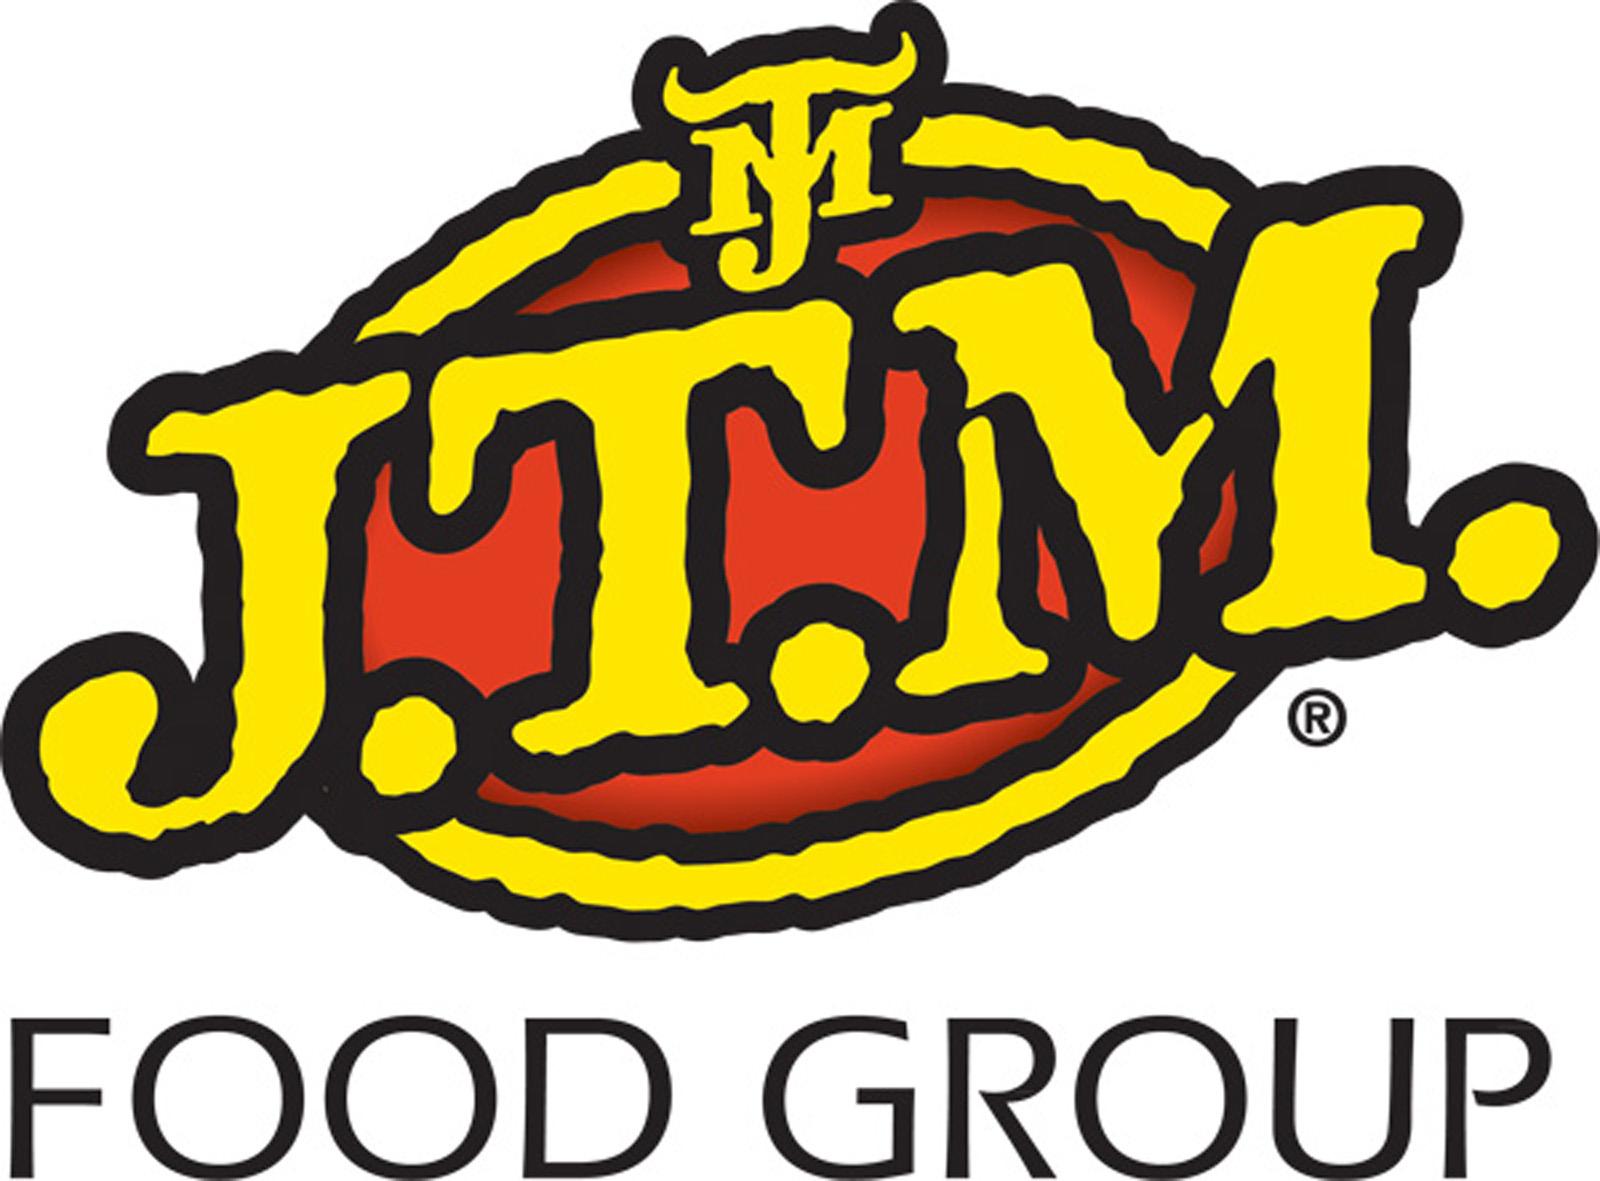 Jtm food group earns gfsi certification jtm food group logo xflitez Images